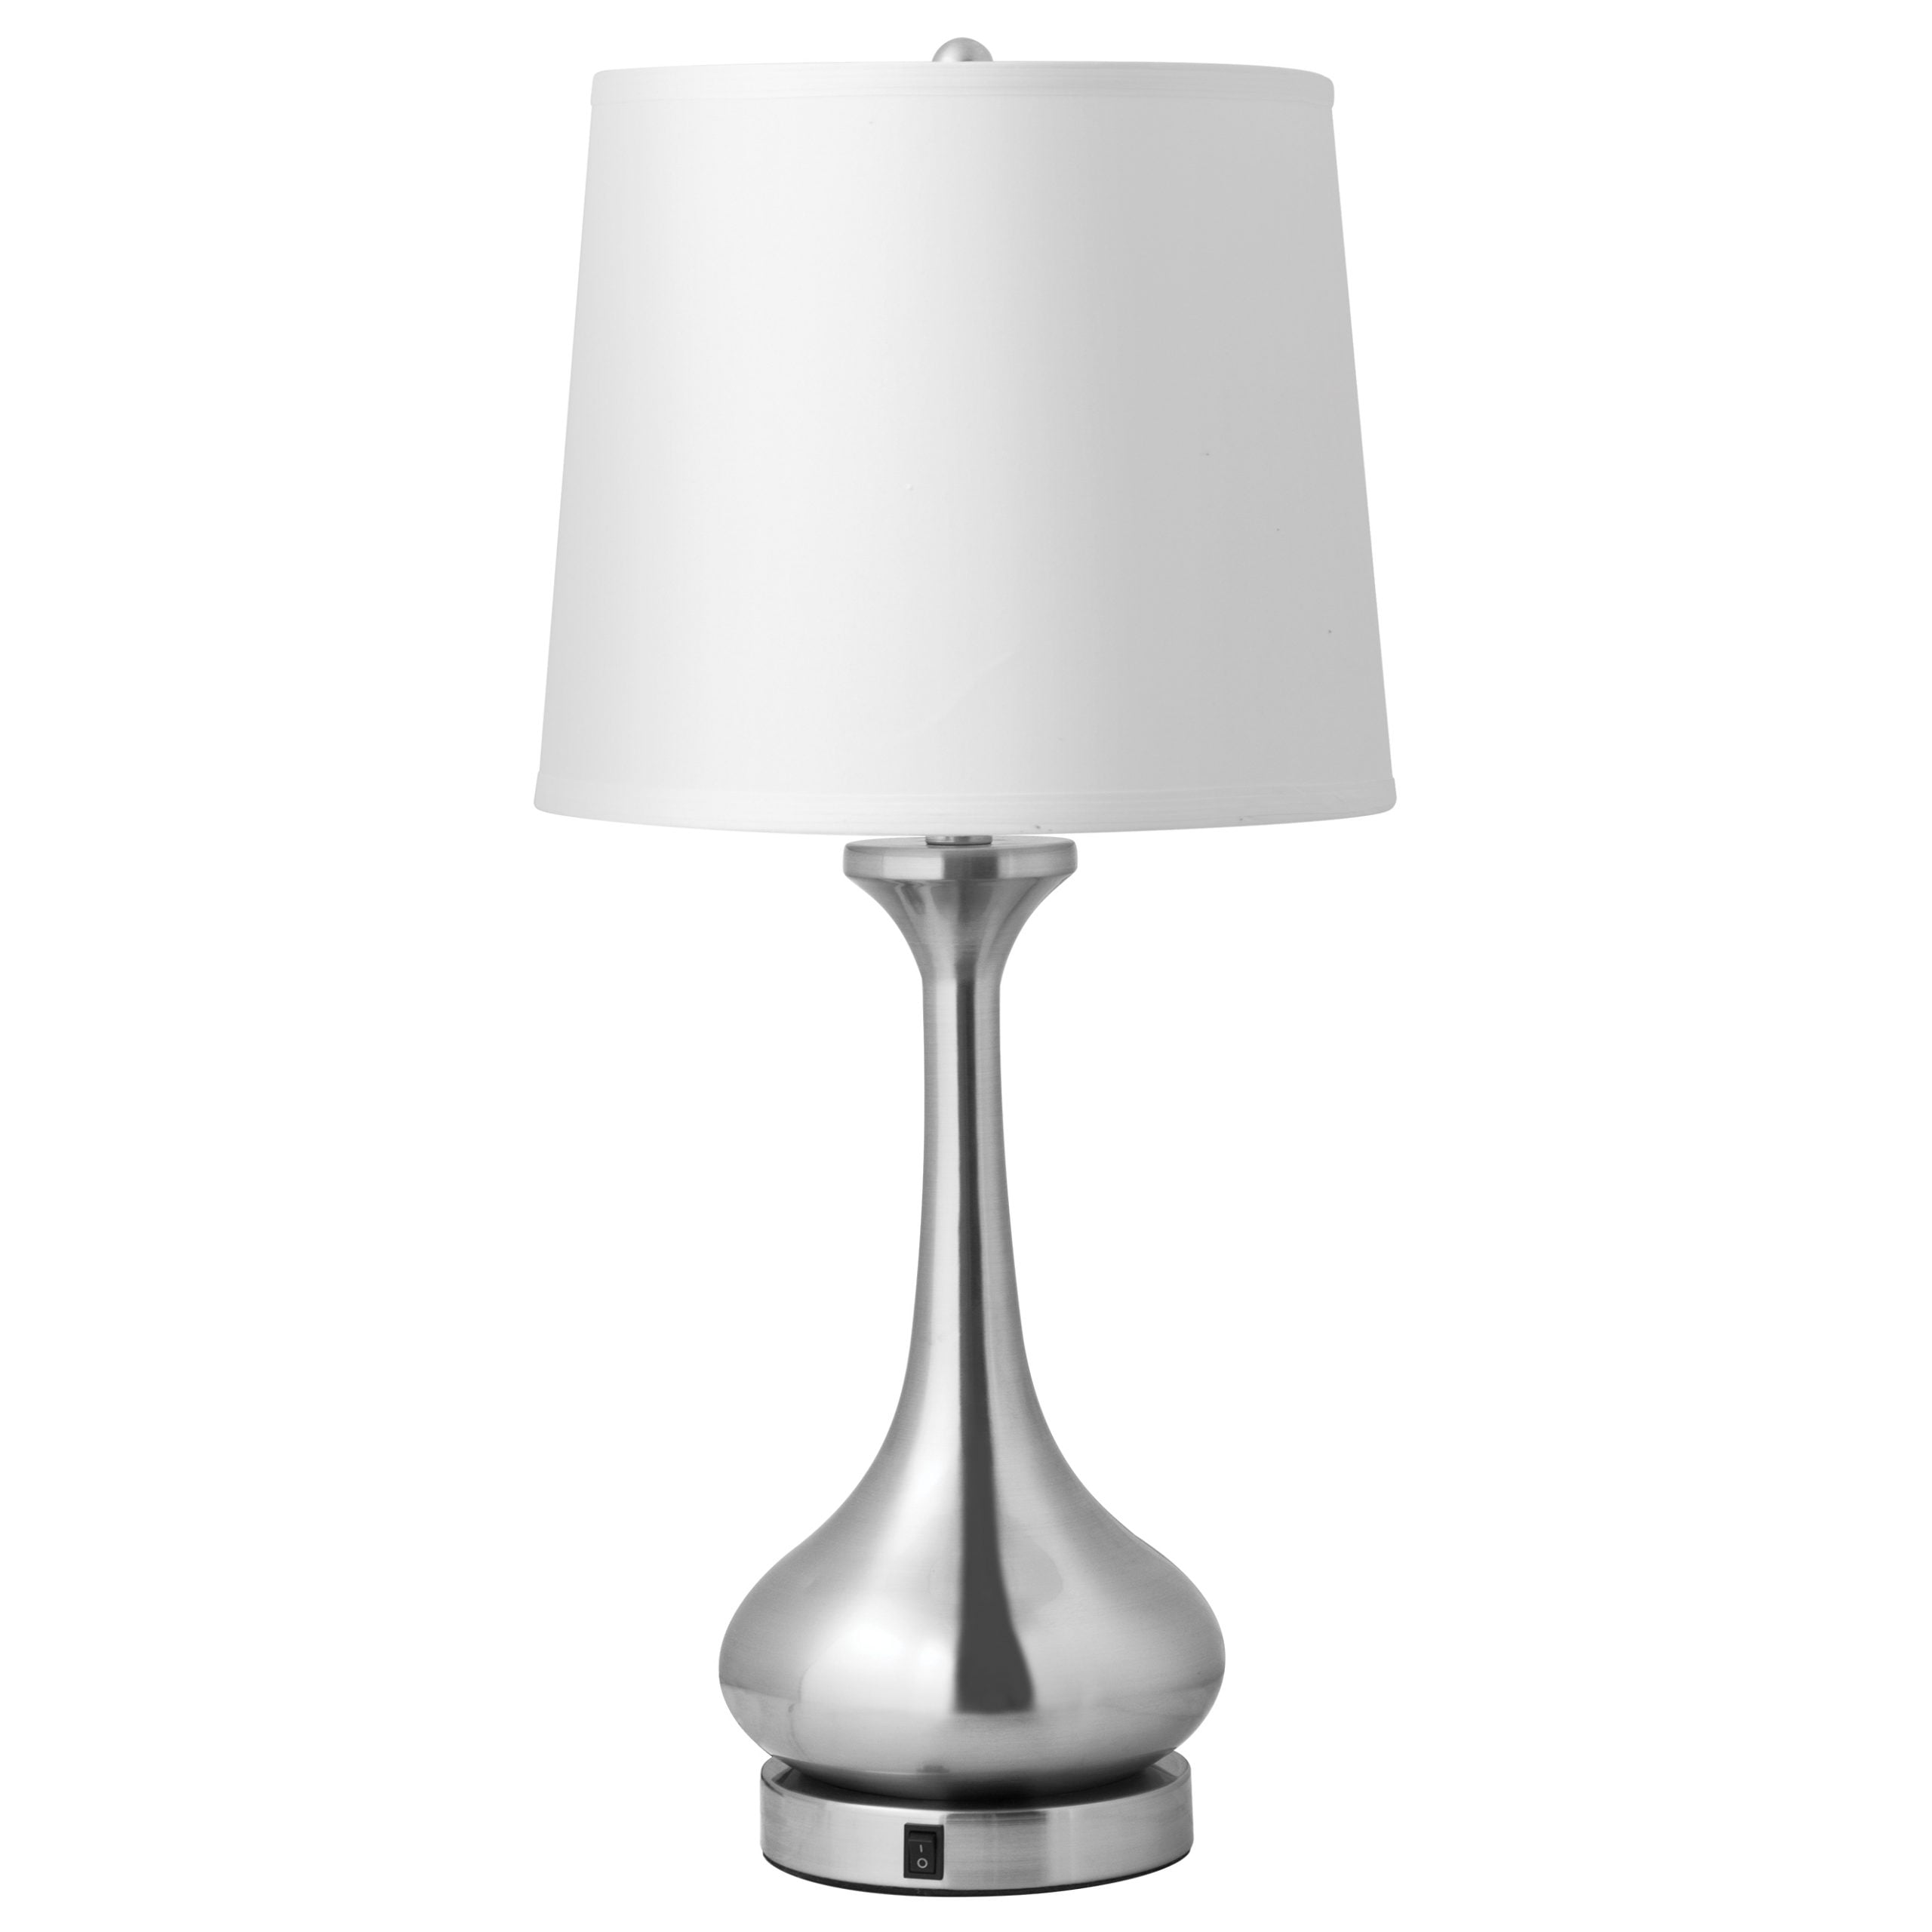 Lush Vert End Table Lamp